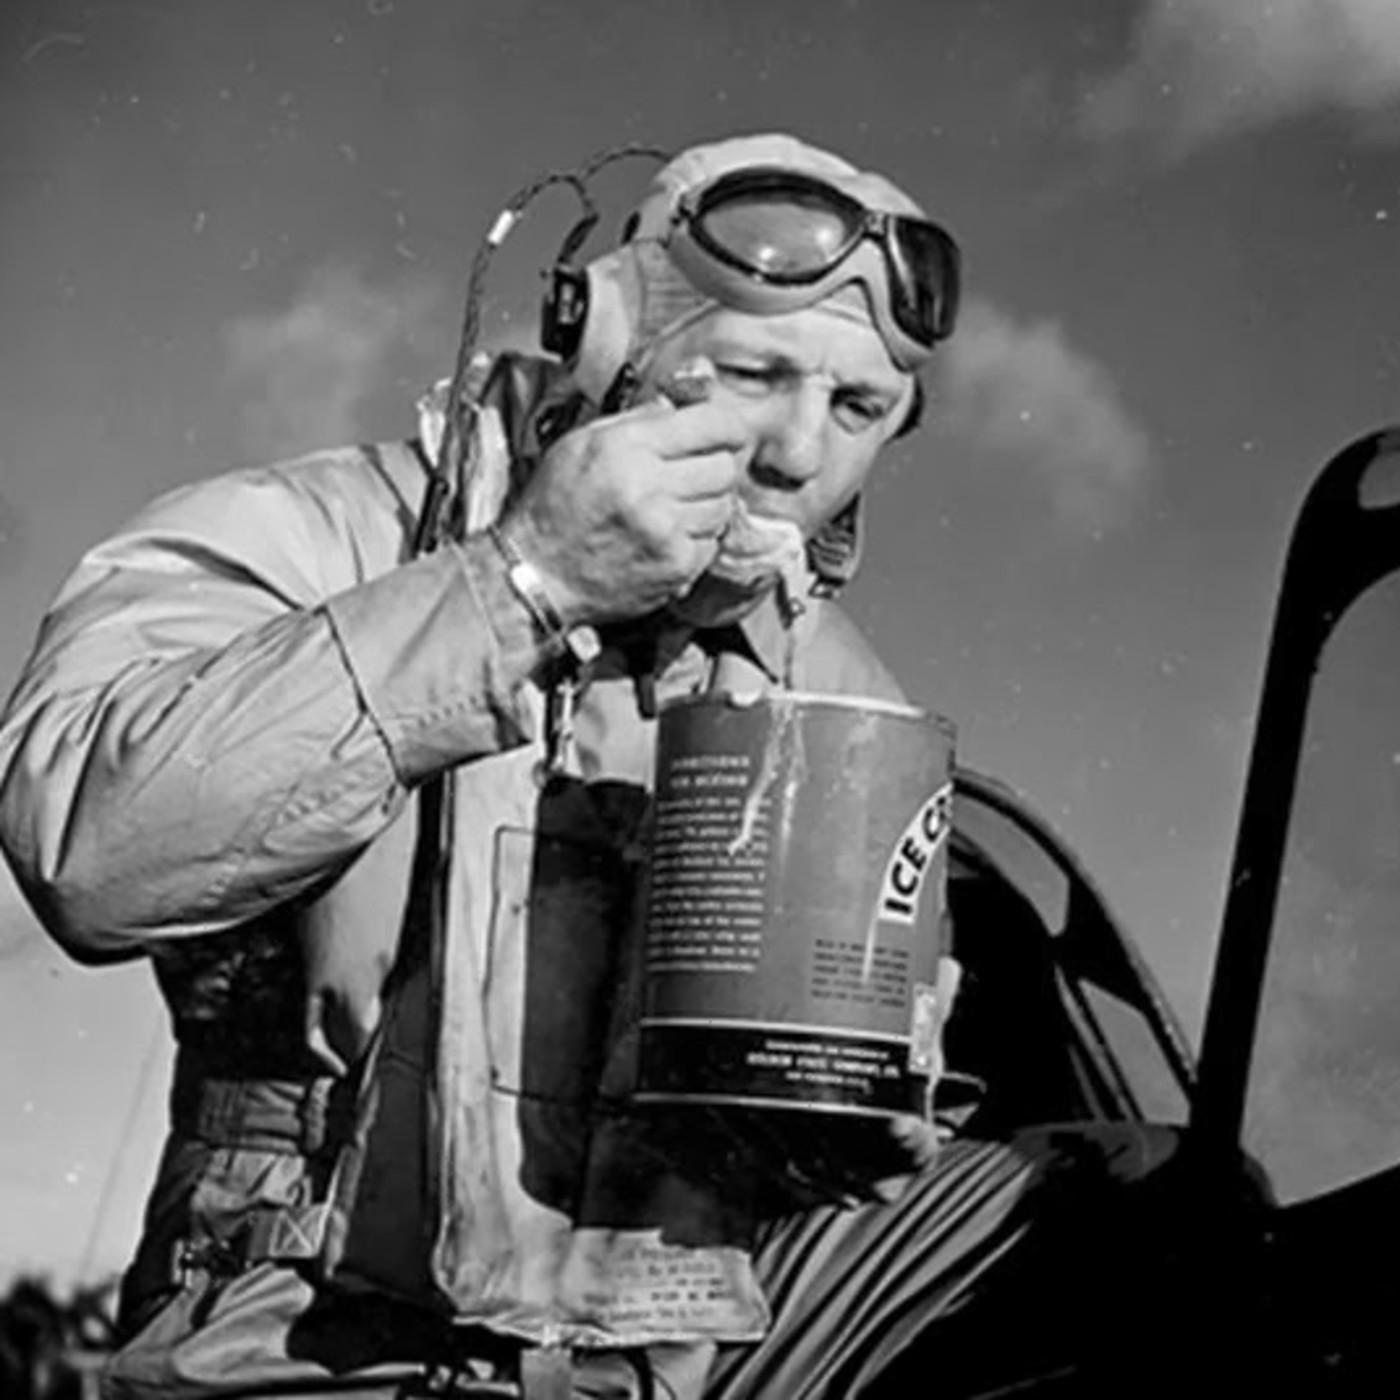 Anécdotas de la Segunda Guerra Mundial en La Noche de Adolfo Arjona: Aviones y Pilotos